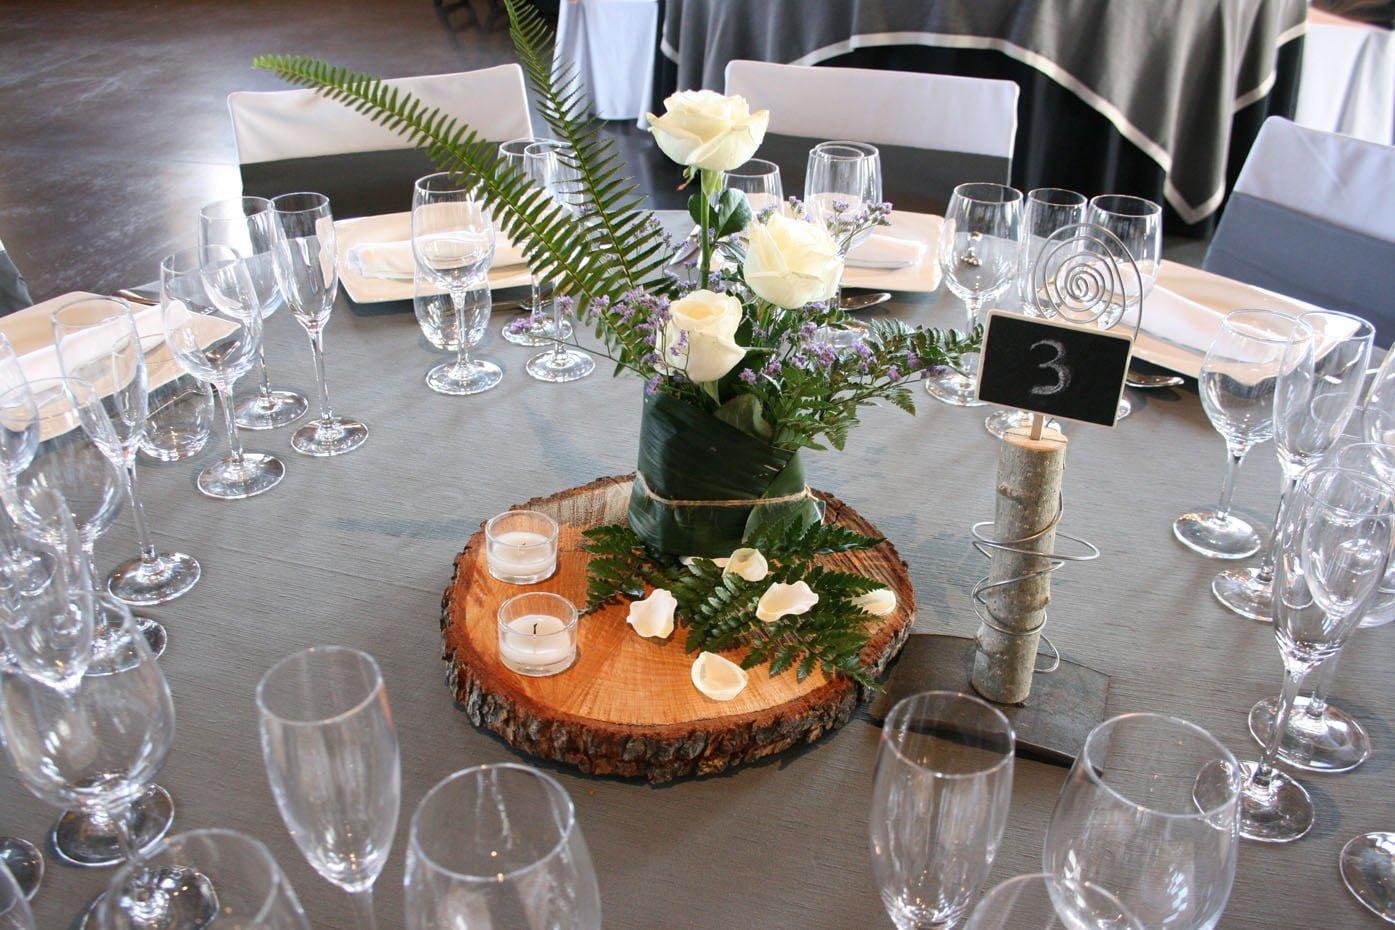 Casaments-ca-nalzina-espai-gastronomia15